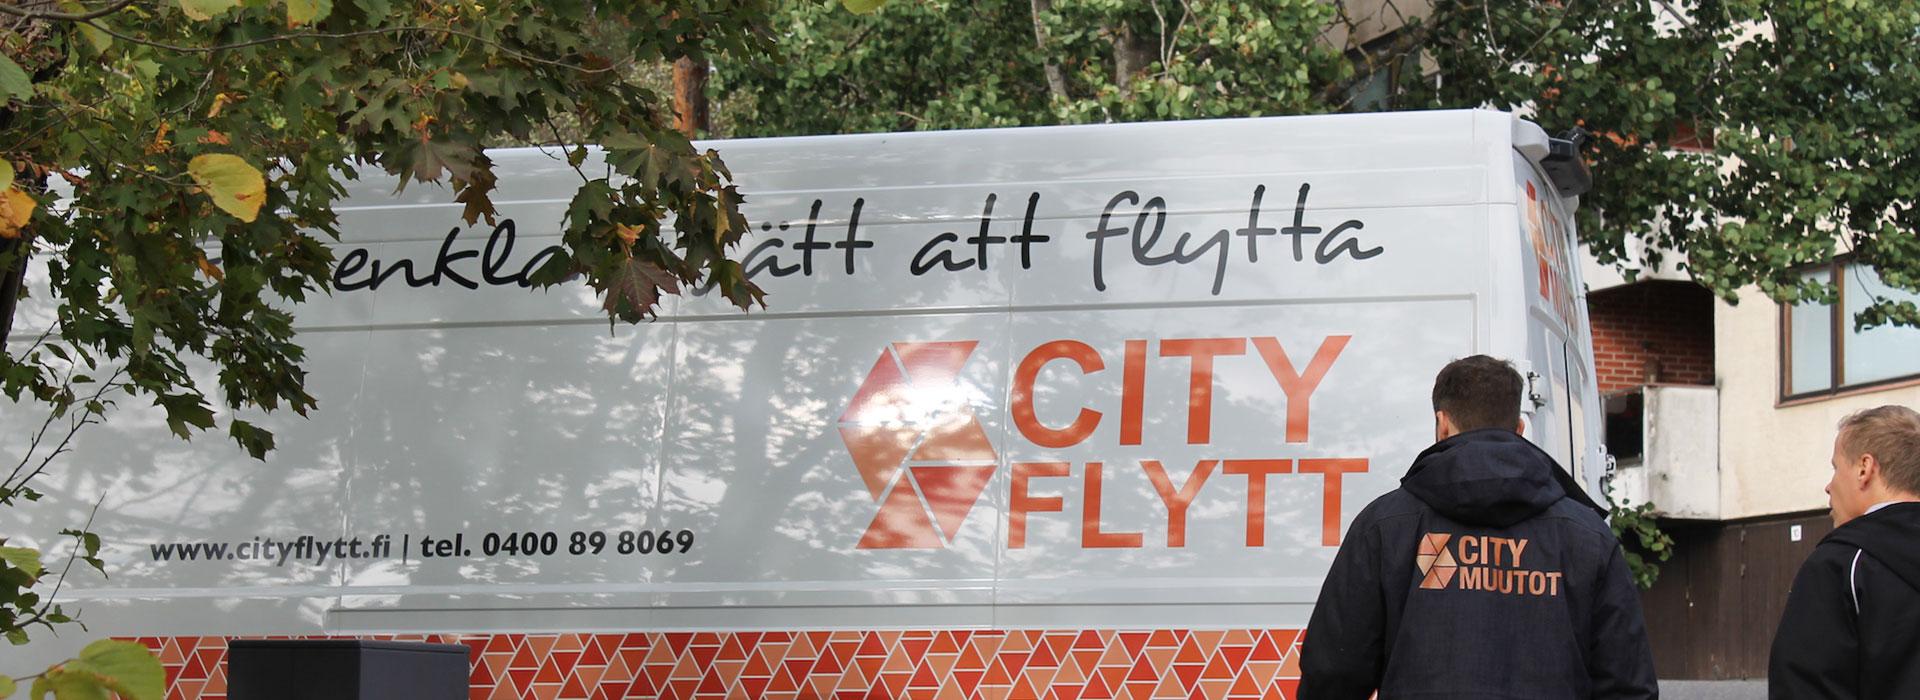 hemflytt-kontorsflytt-magasinering-cityflytt